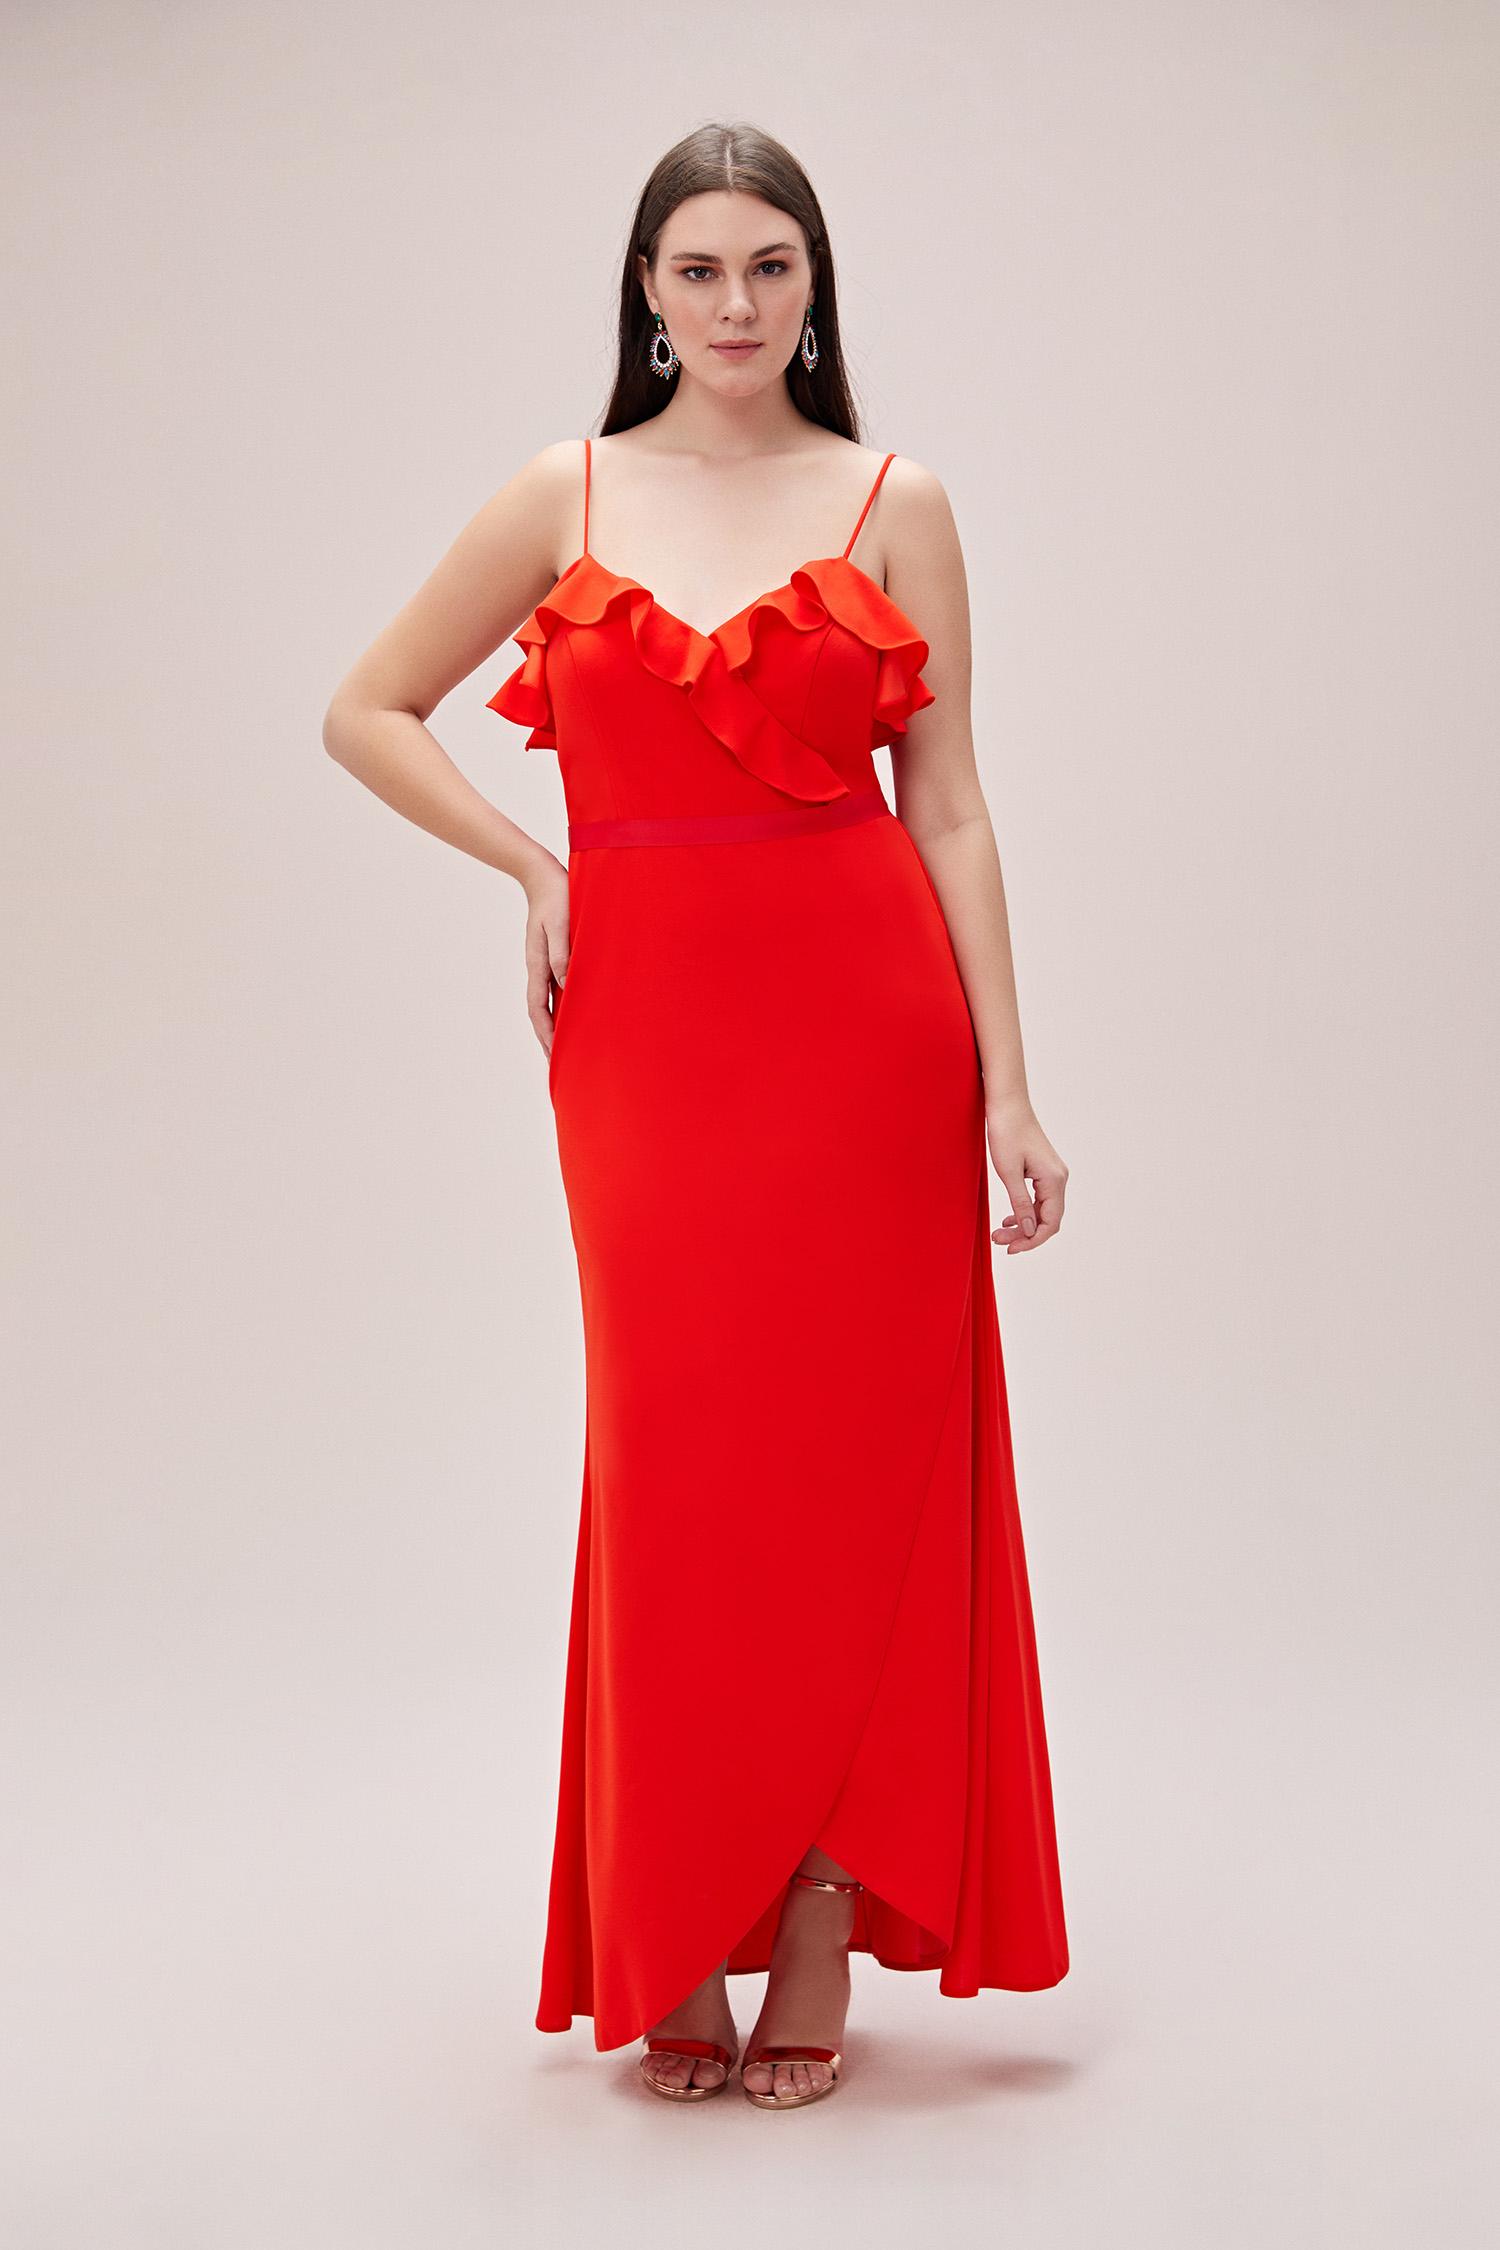 Kızıl Turuncu İnce Askılı Yaka Detaylı Uzun Büyük Beden Abiye Elbise - Thumbnail